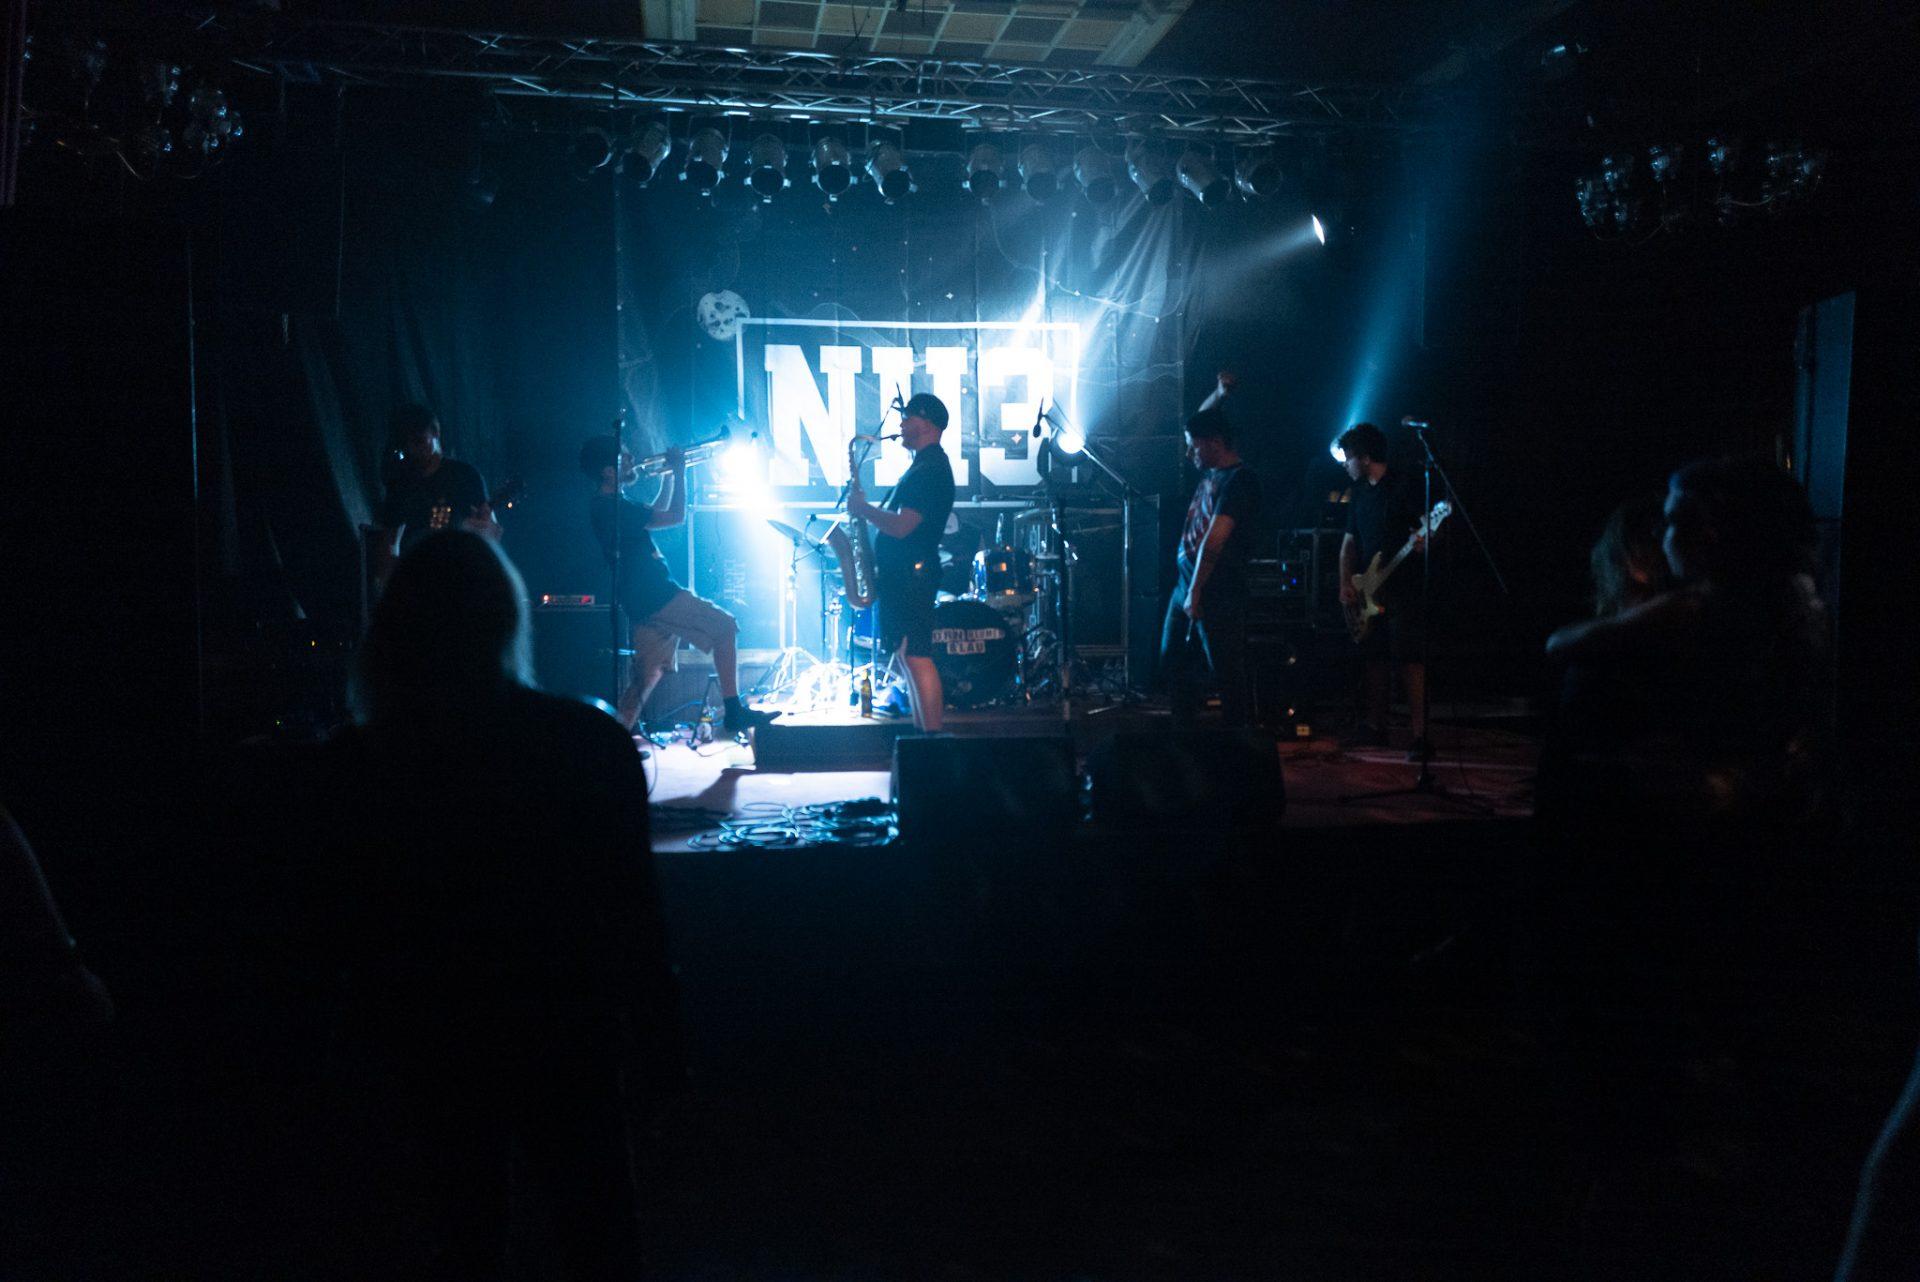 NH3 - Abschlussfoto